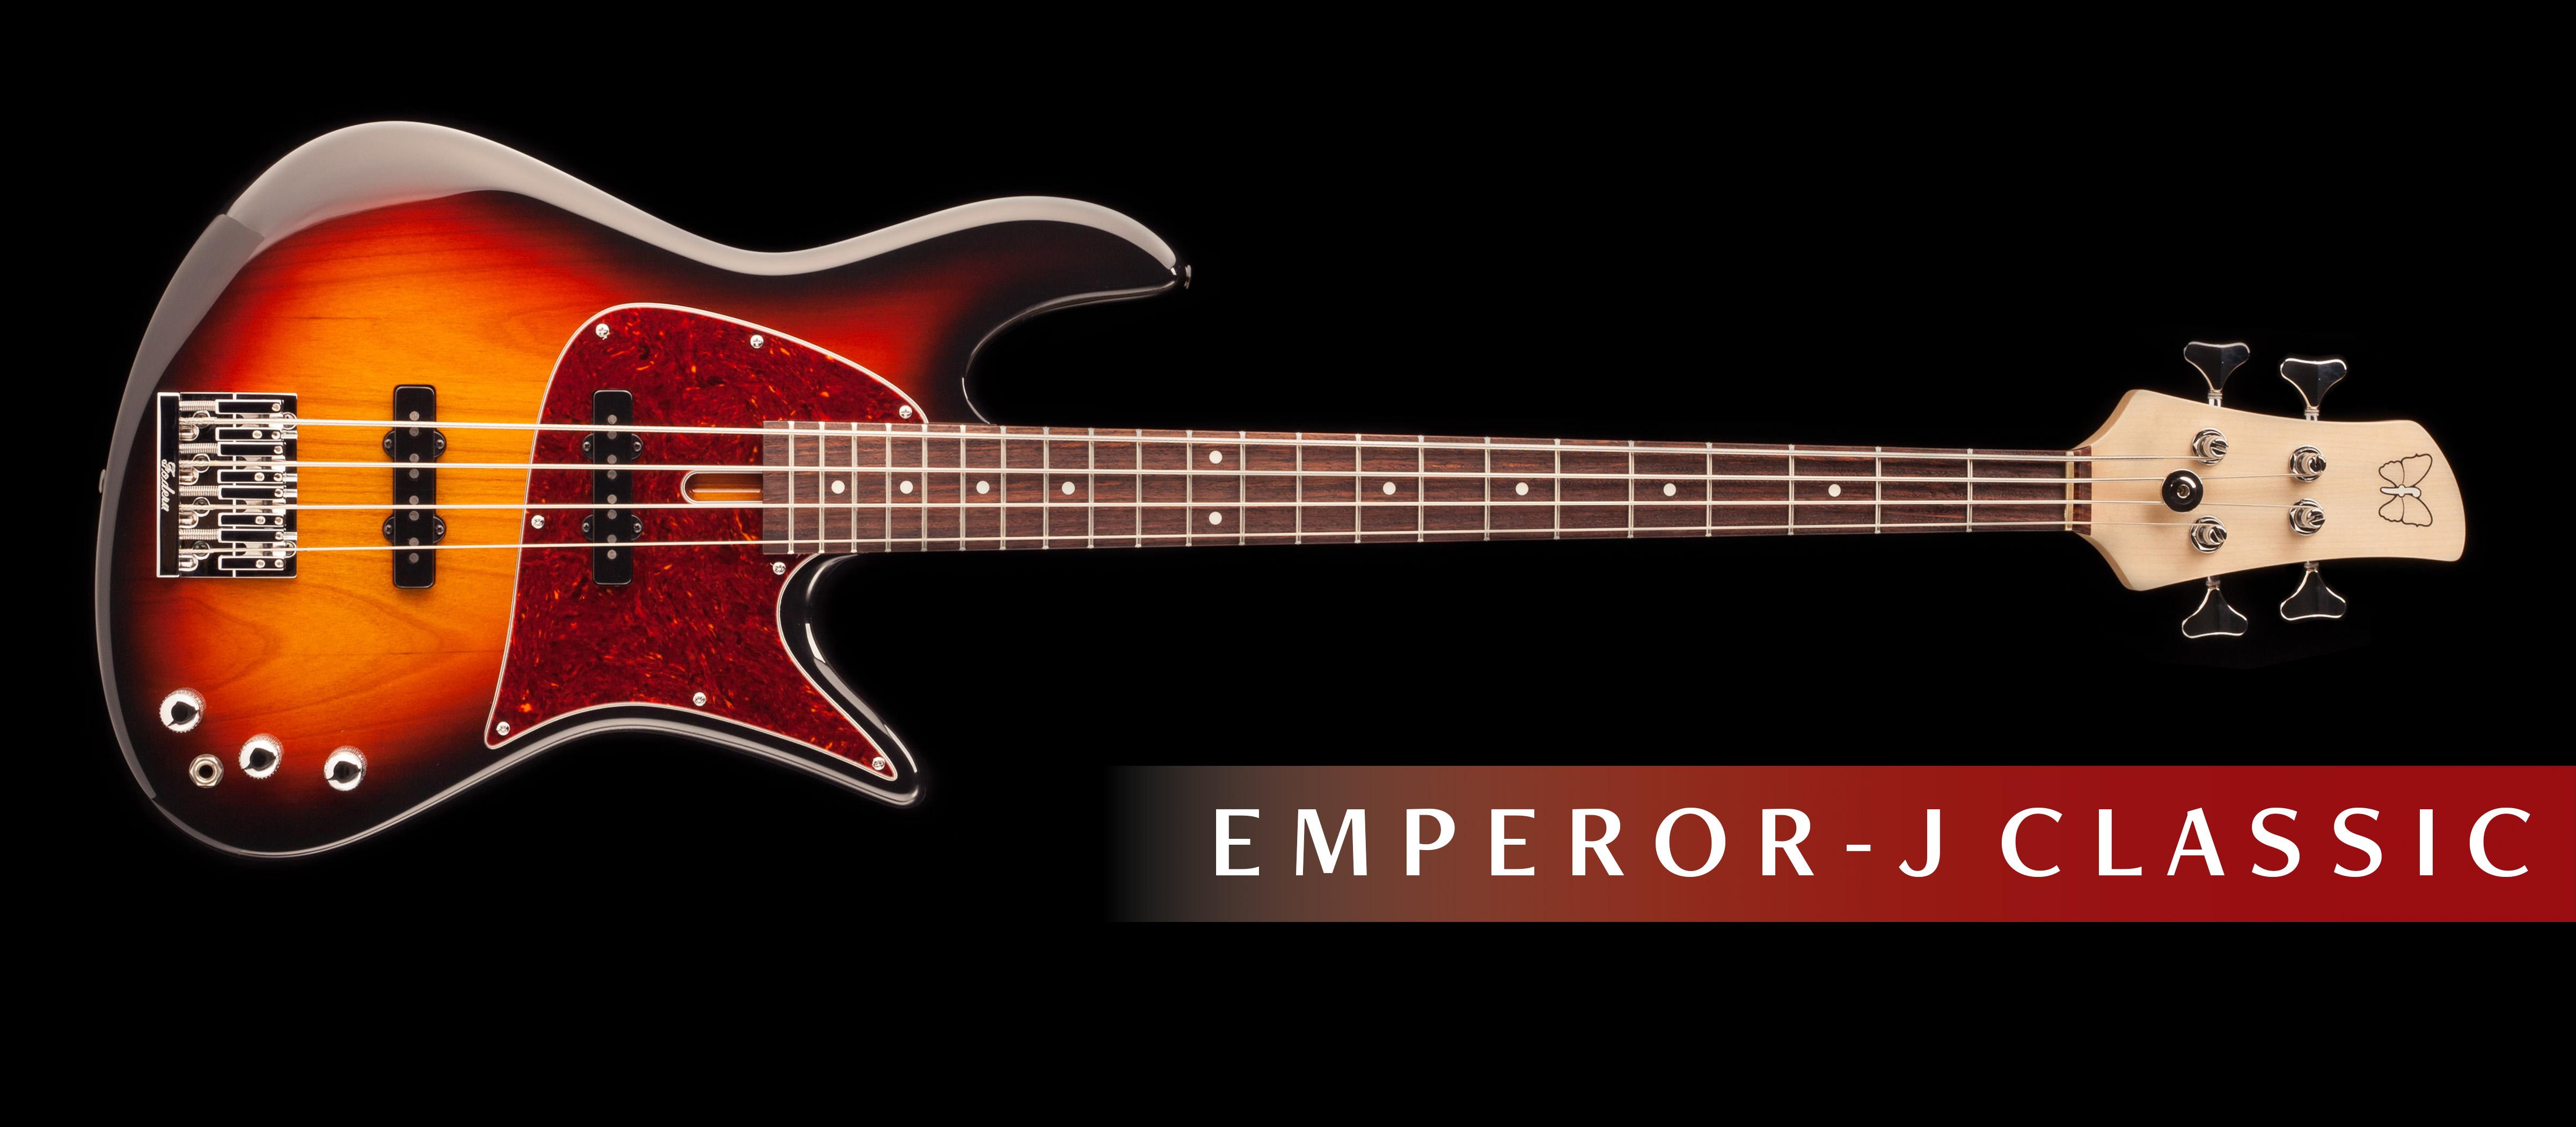 emperor_j_classic_button